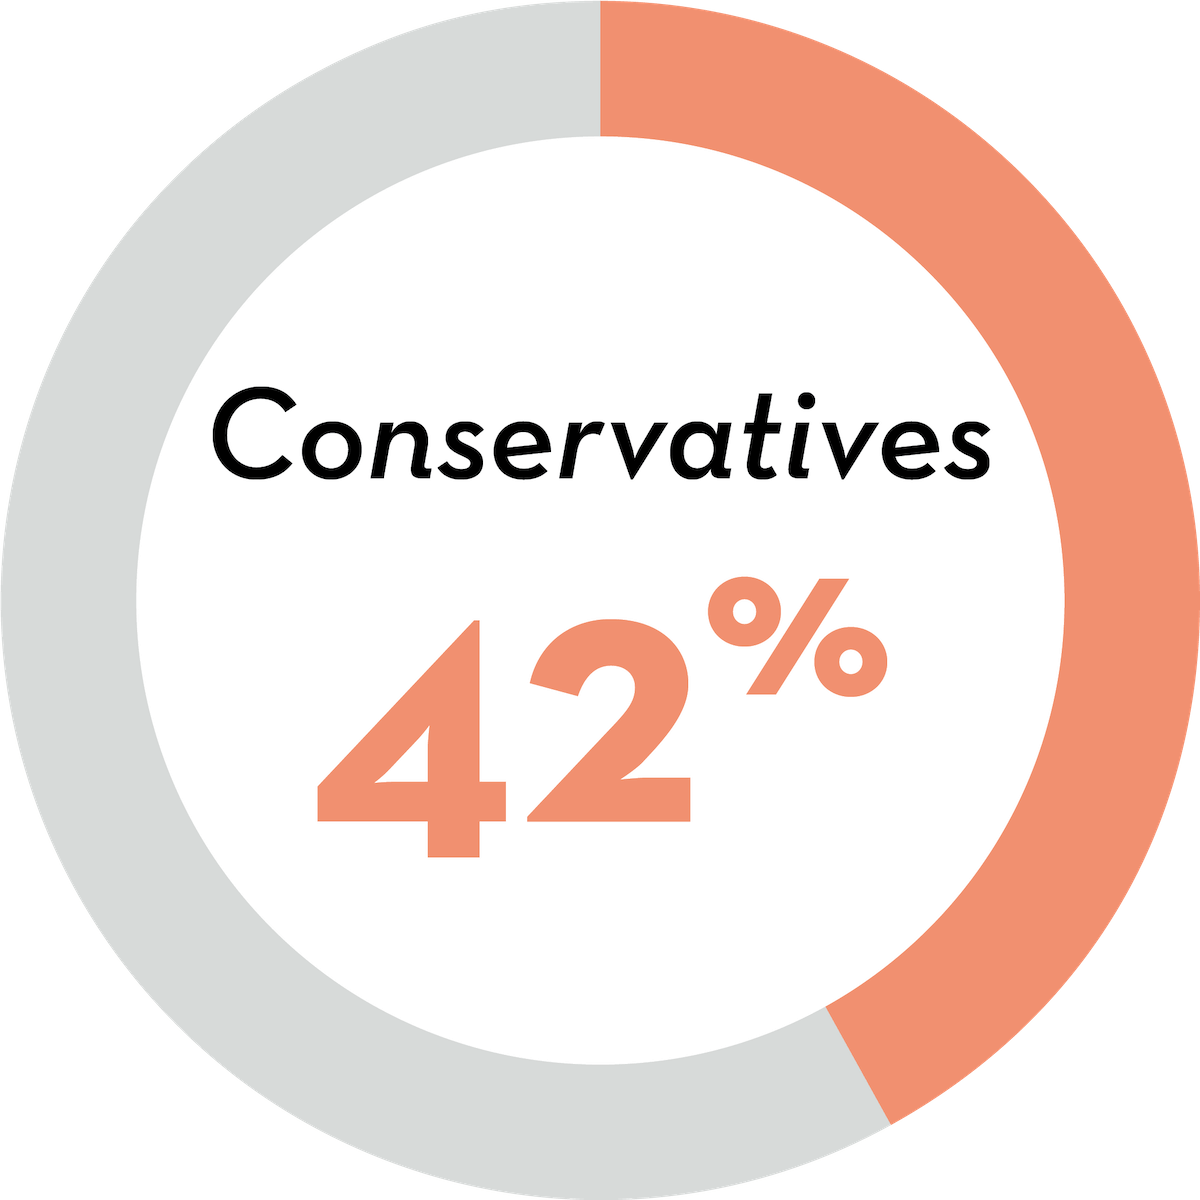 Conservatives: 42 percent